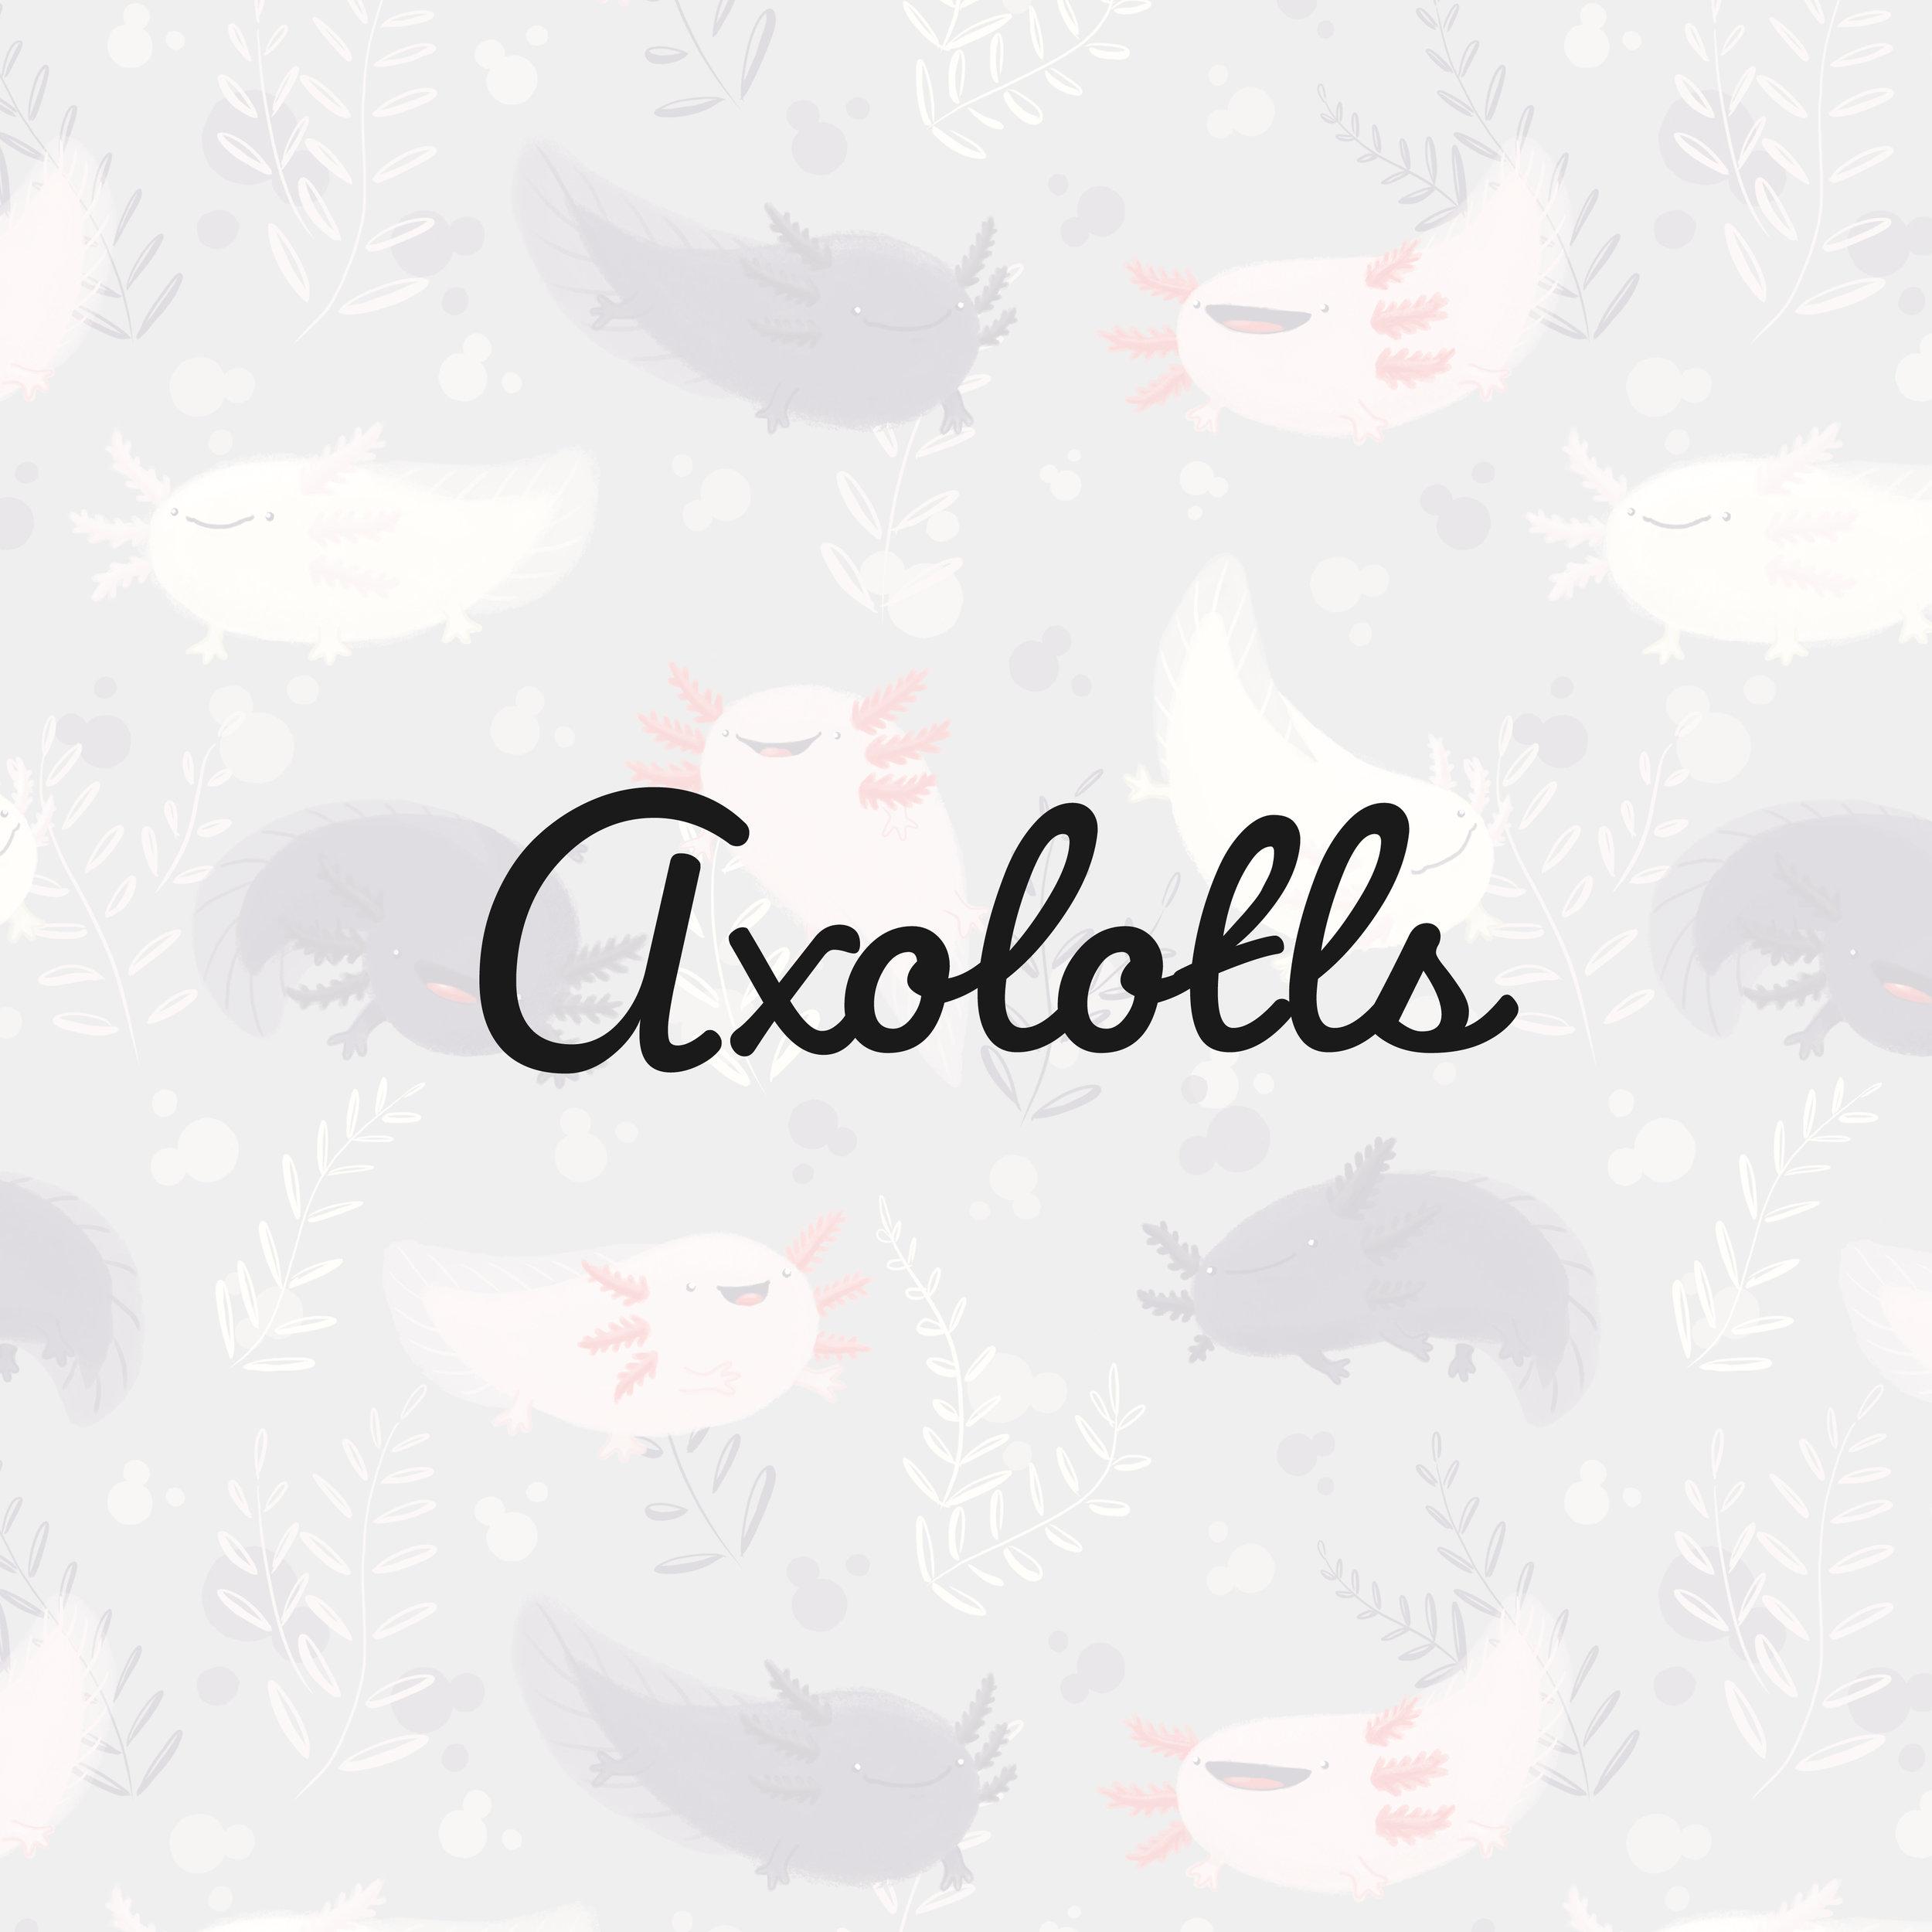 Axolotls_square.jpg